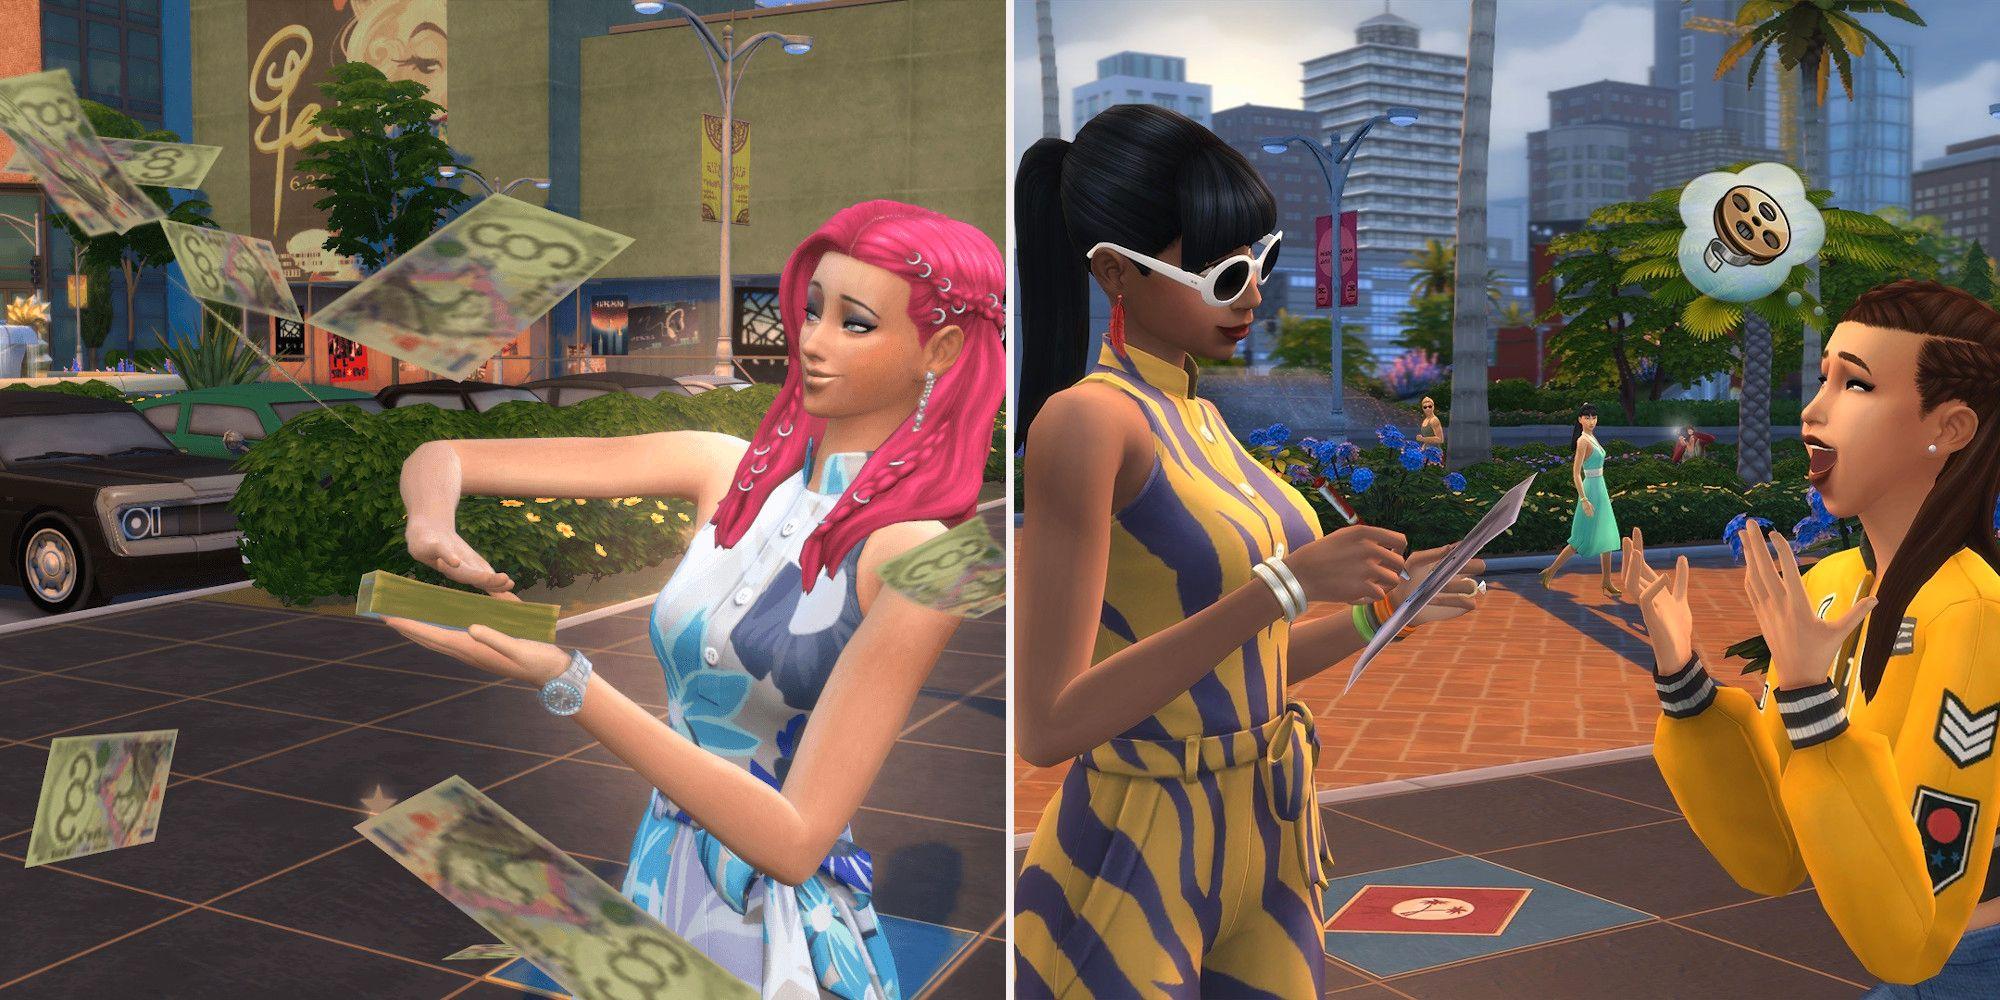 Los Sims 4 se vuelven famosos: todo lo que necesitas saber sobre la fama